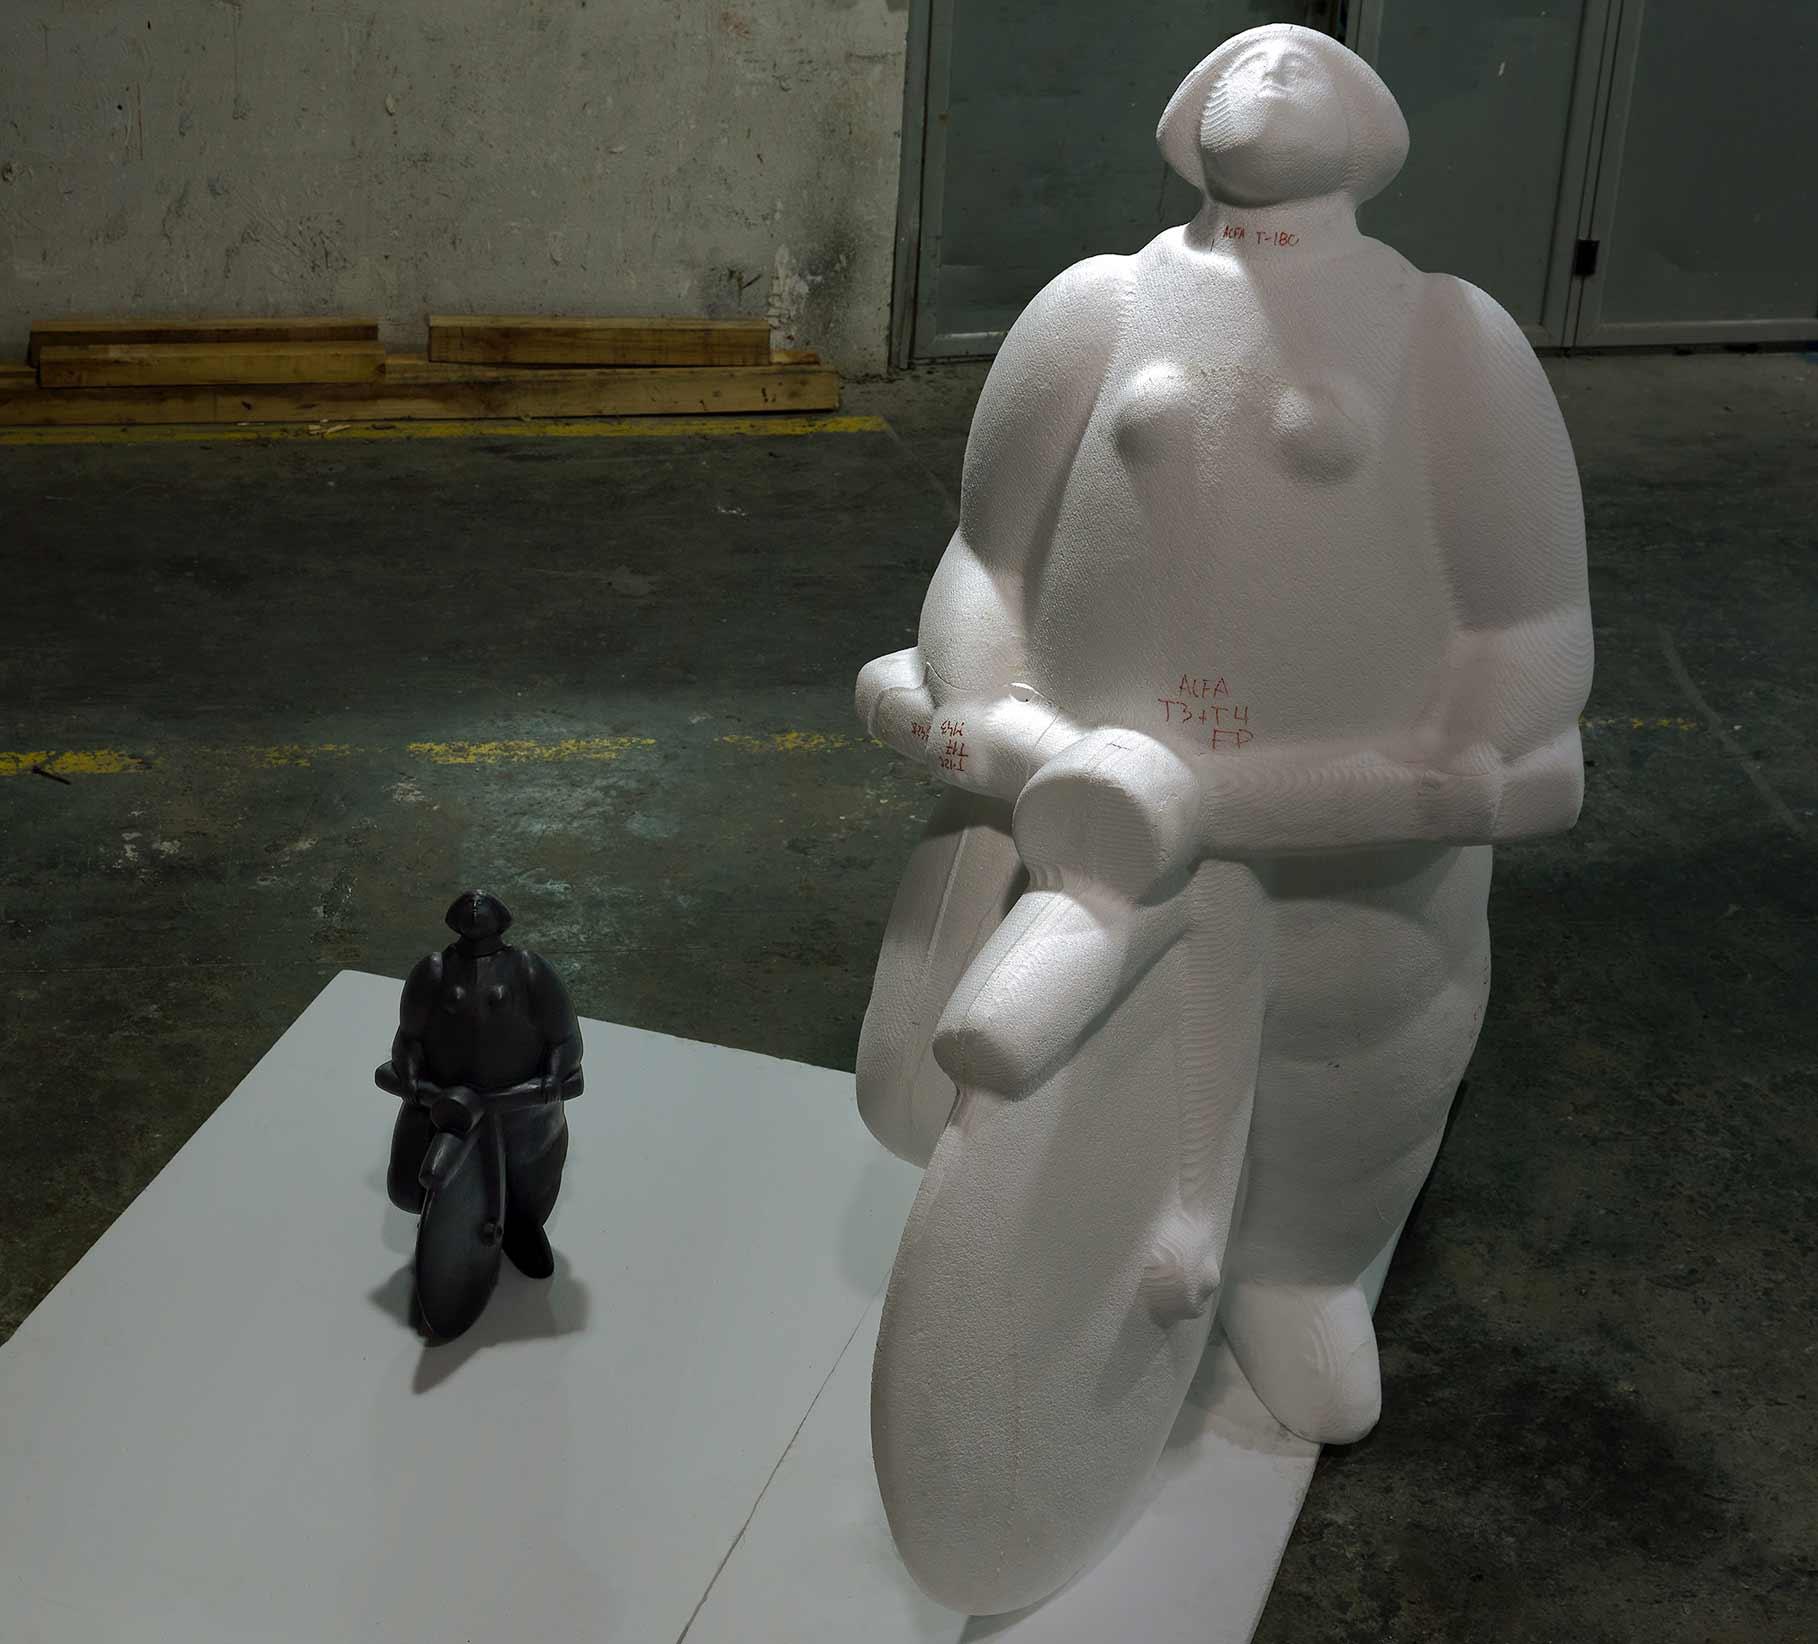 Maqueta Original y ampliación escultura Menina C/ Bicicleta del escultor João Duarte para la ciudad de Setúbal en Portugal